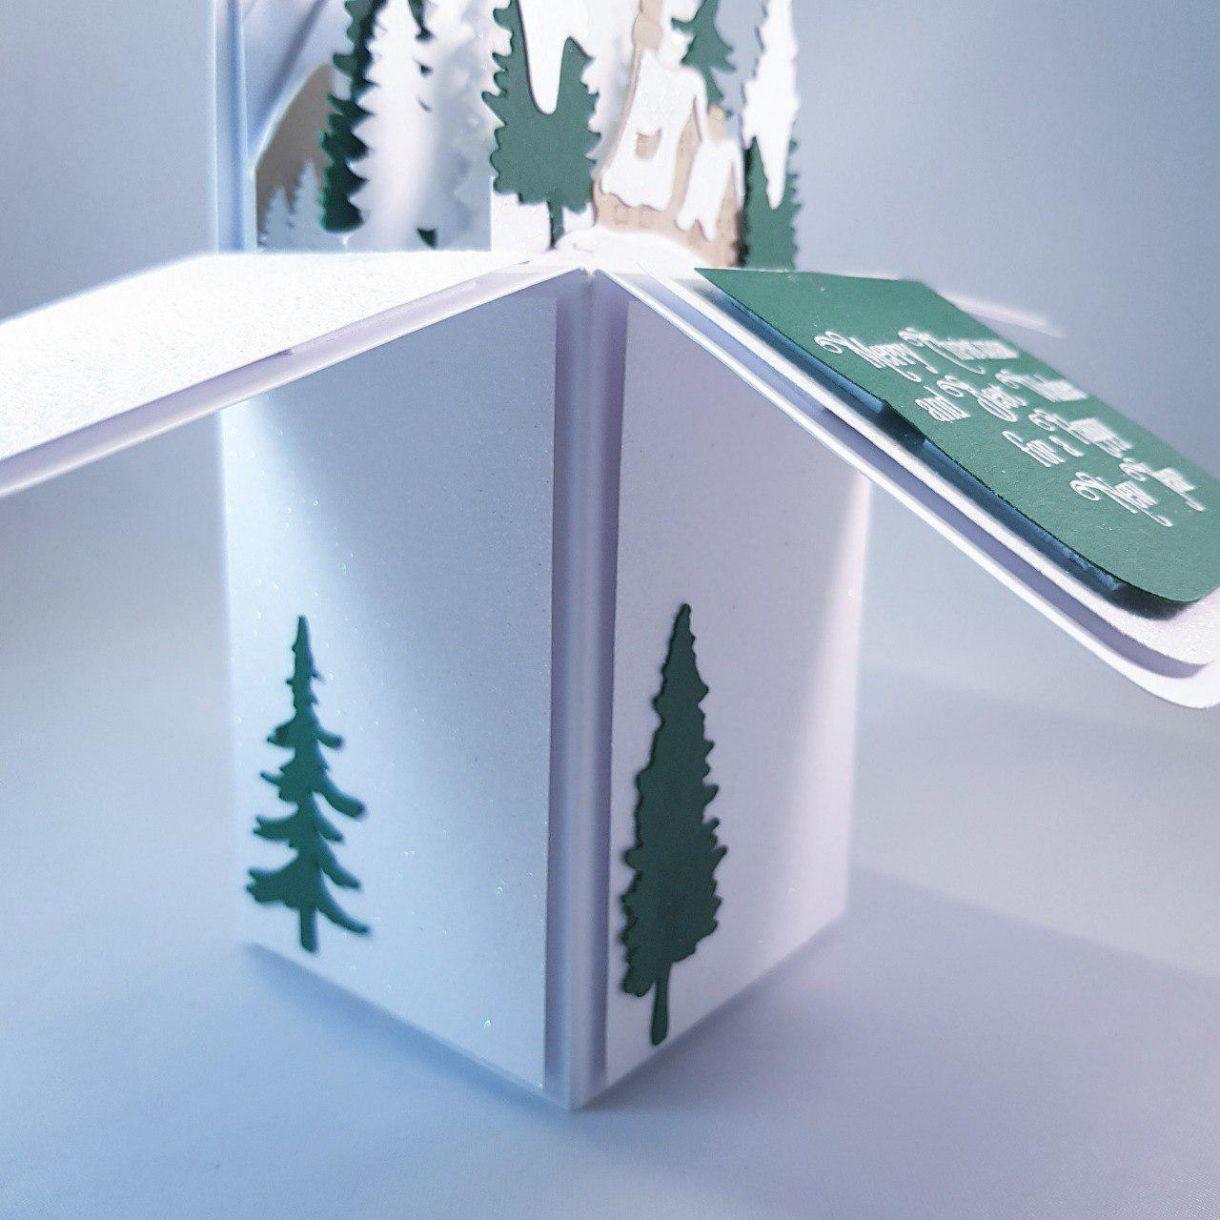 Christmas Card Base